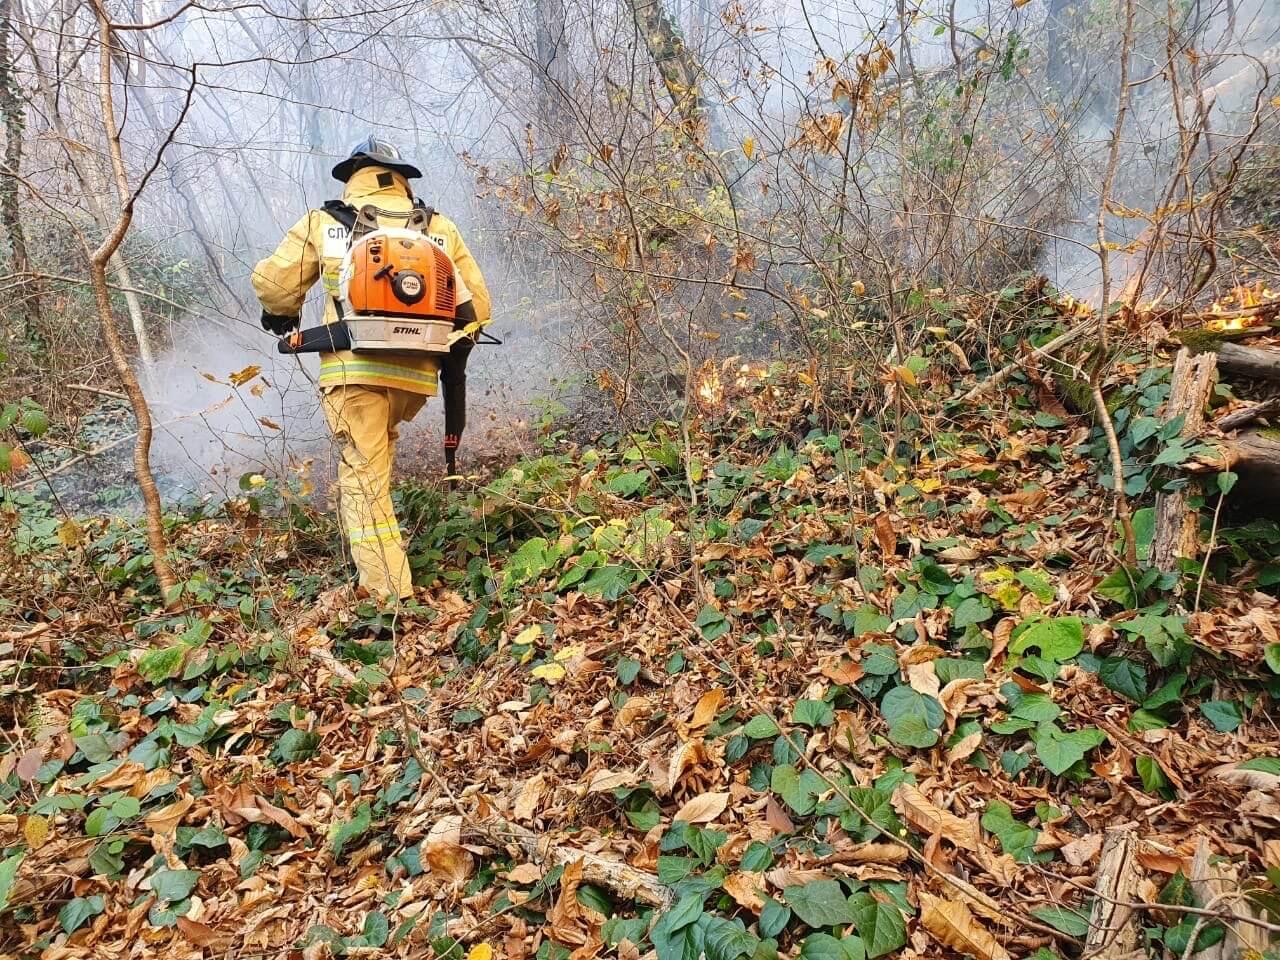 Спасатели потушили лесной пожар в Туапсинском районе